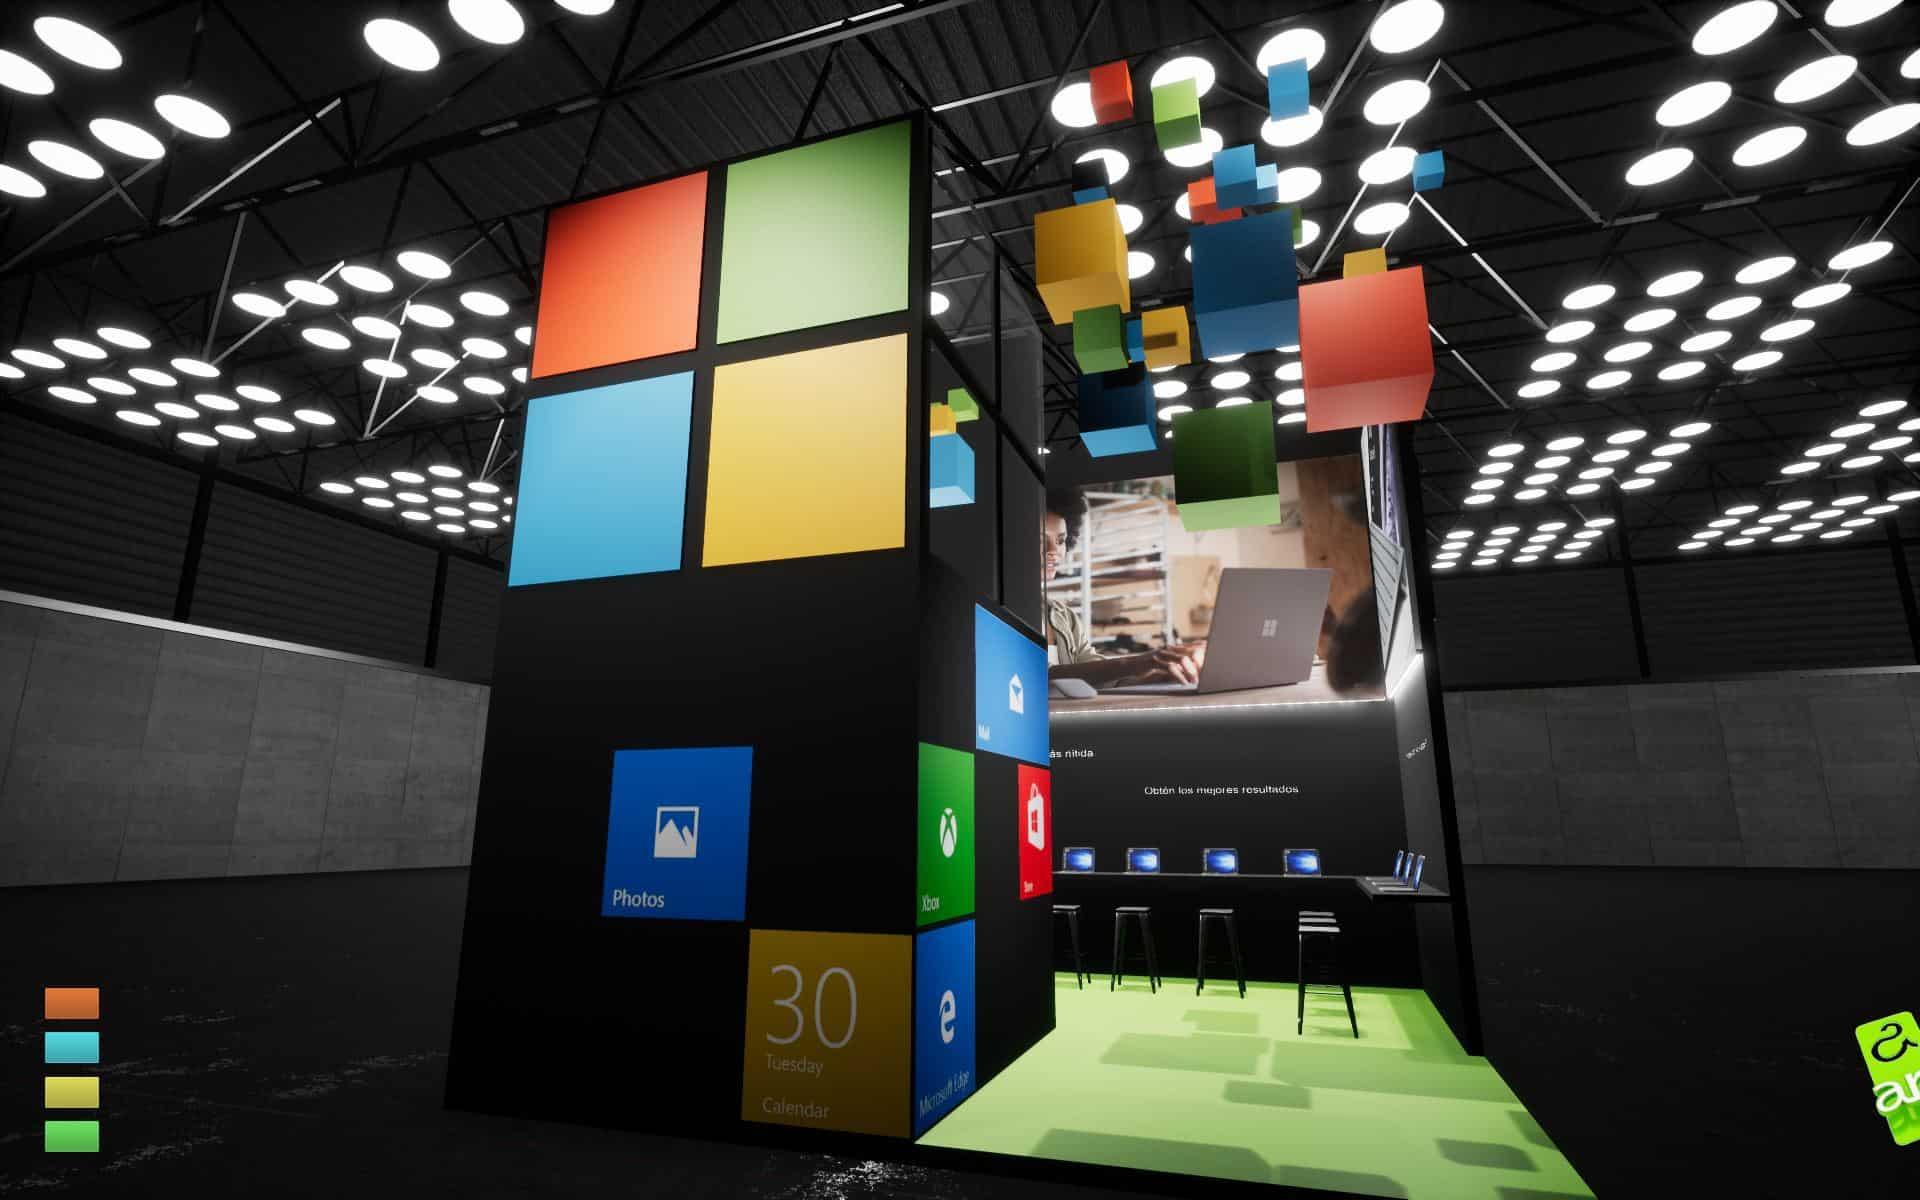 eventos Microsoft